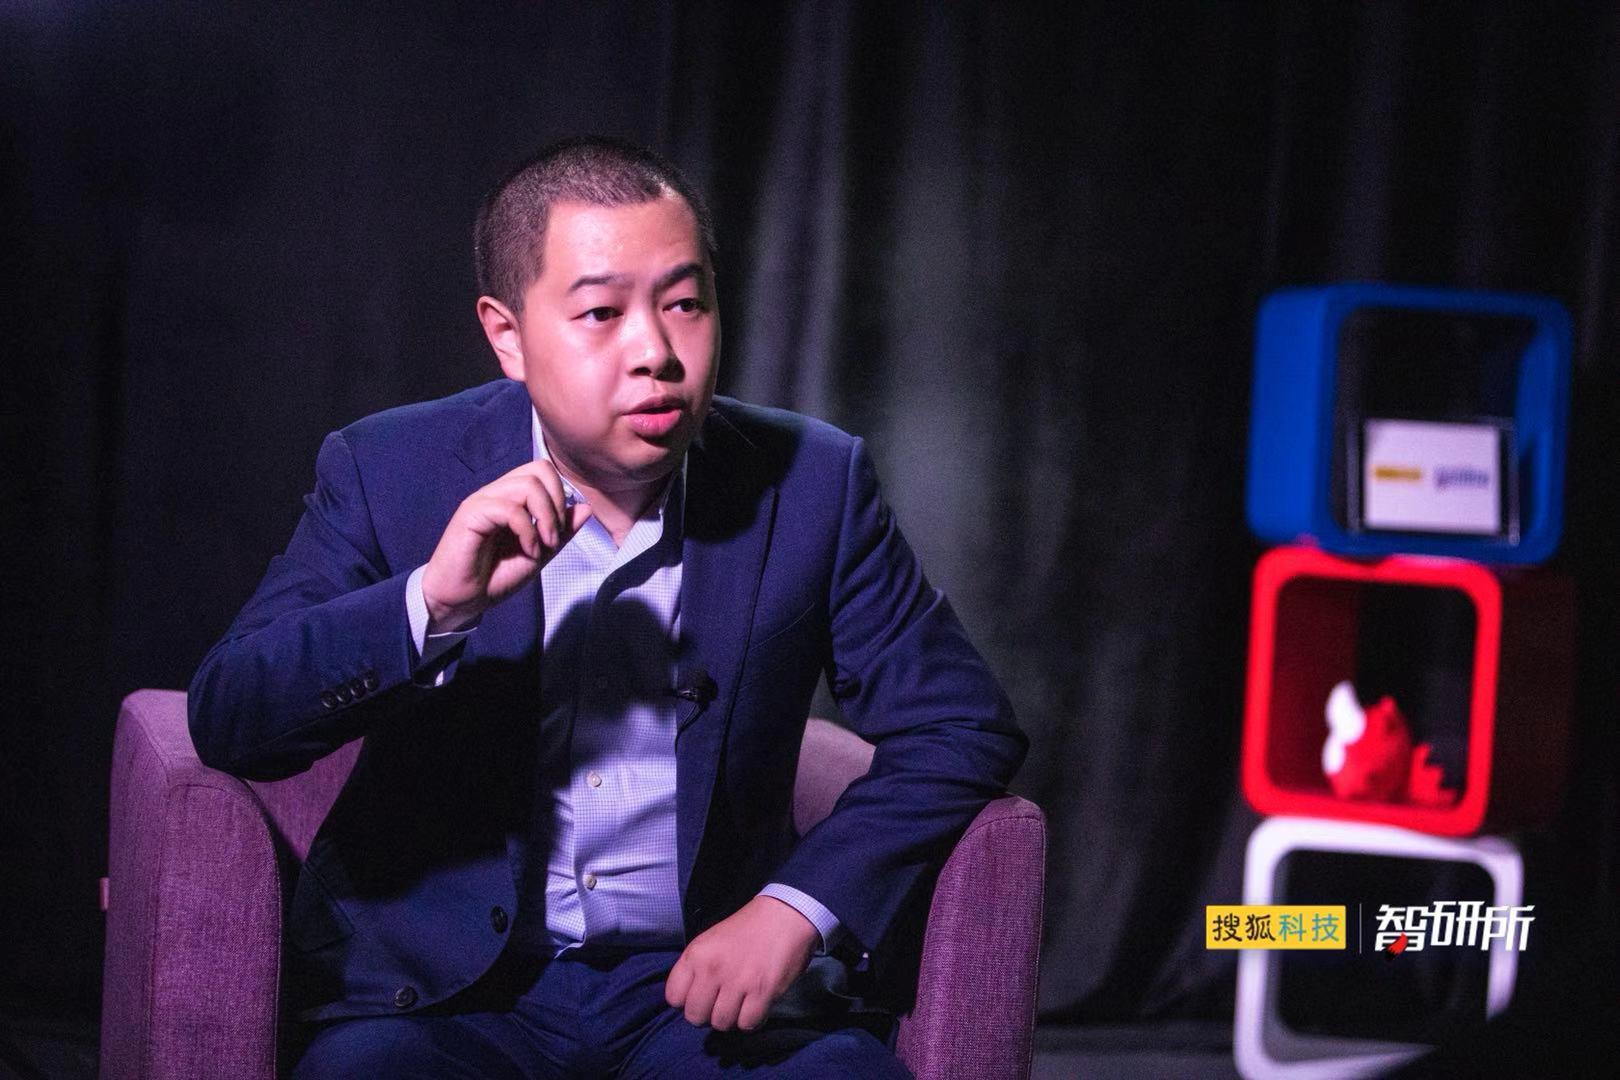 专访学霸君张凯磊:在线教育赛道进去每一厘米都是坑   智研所